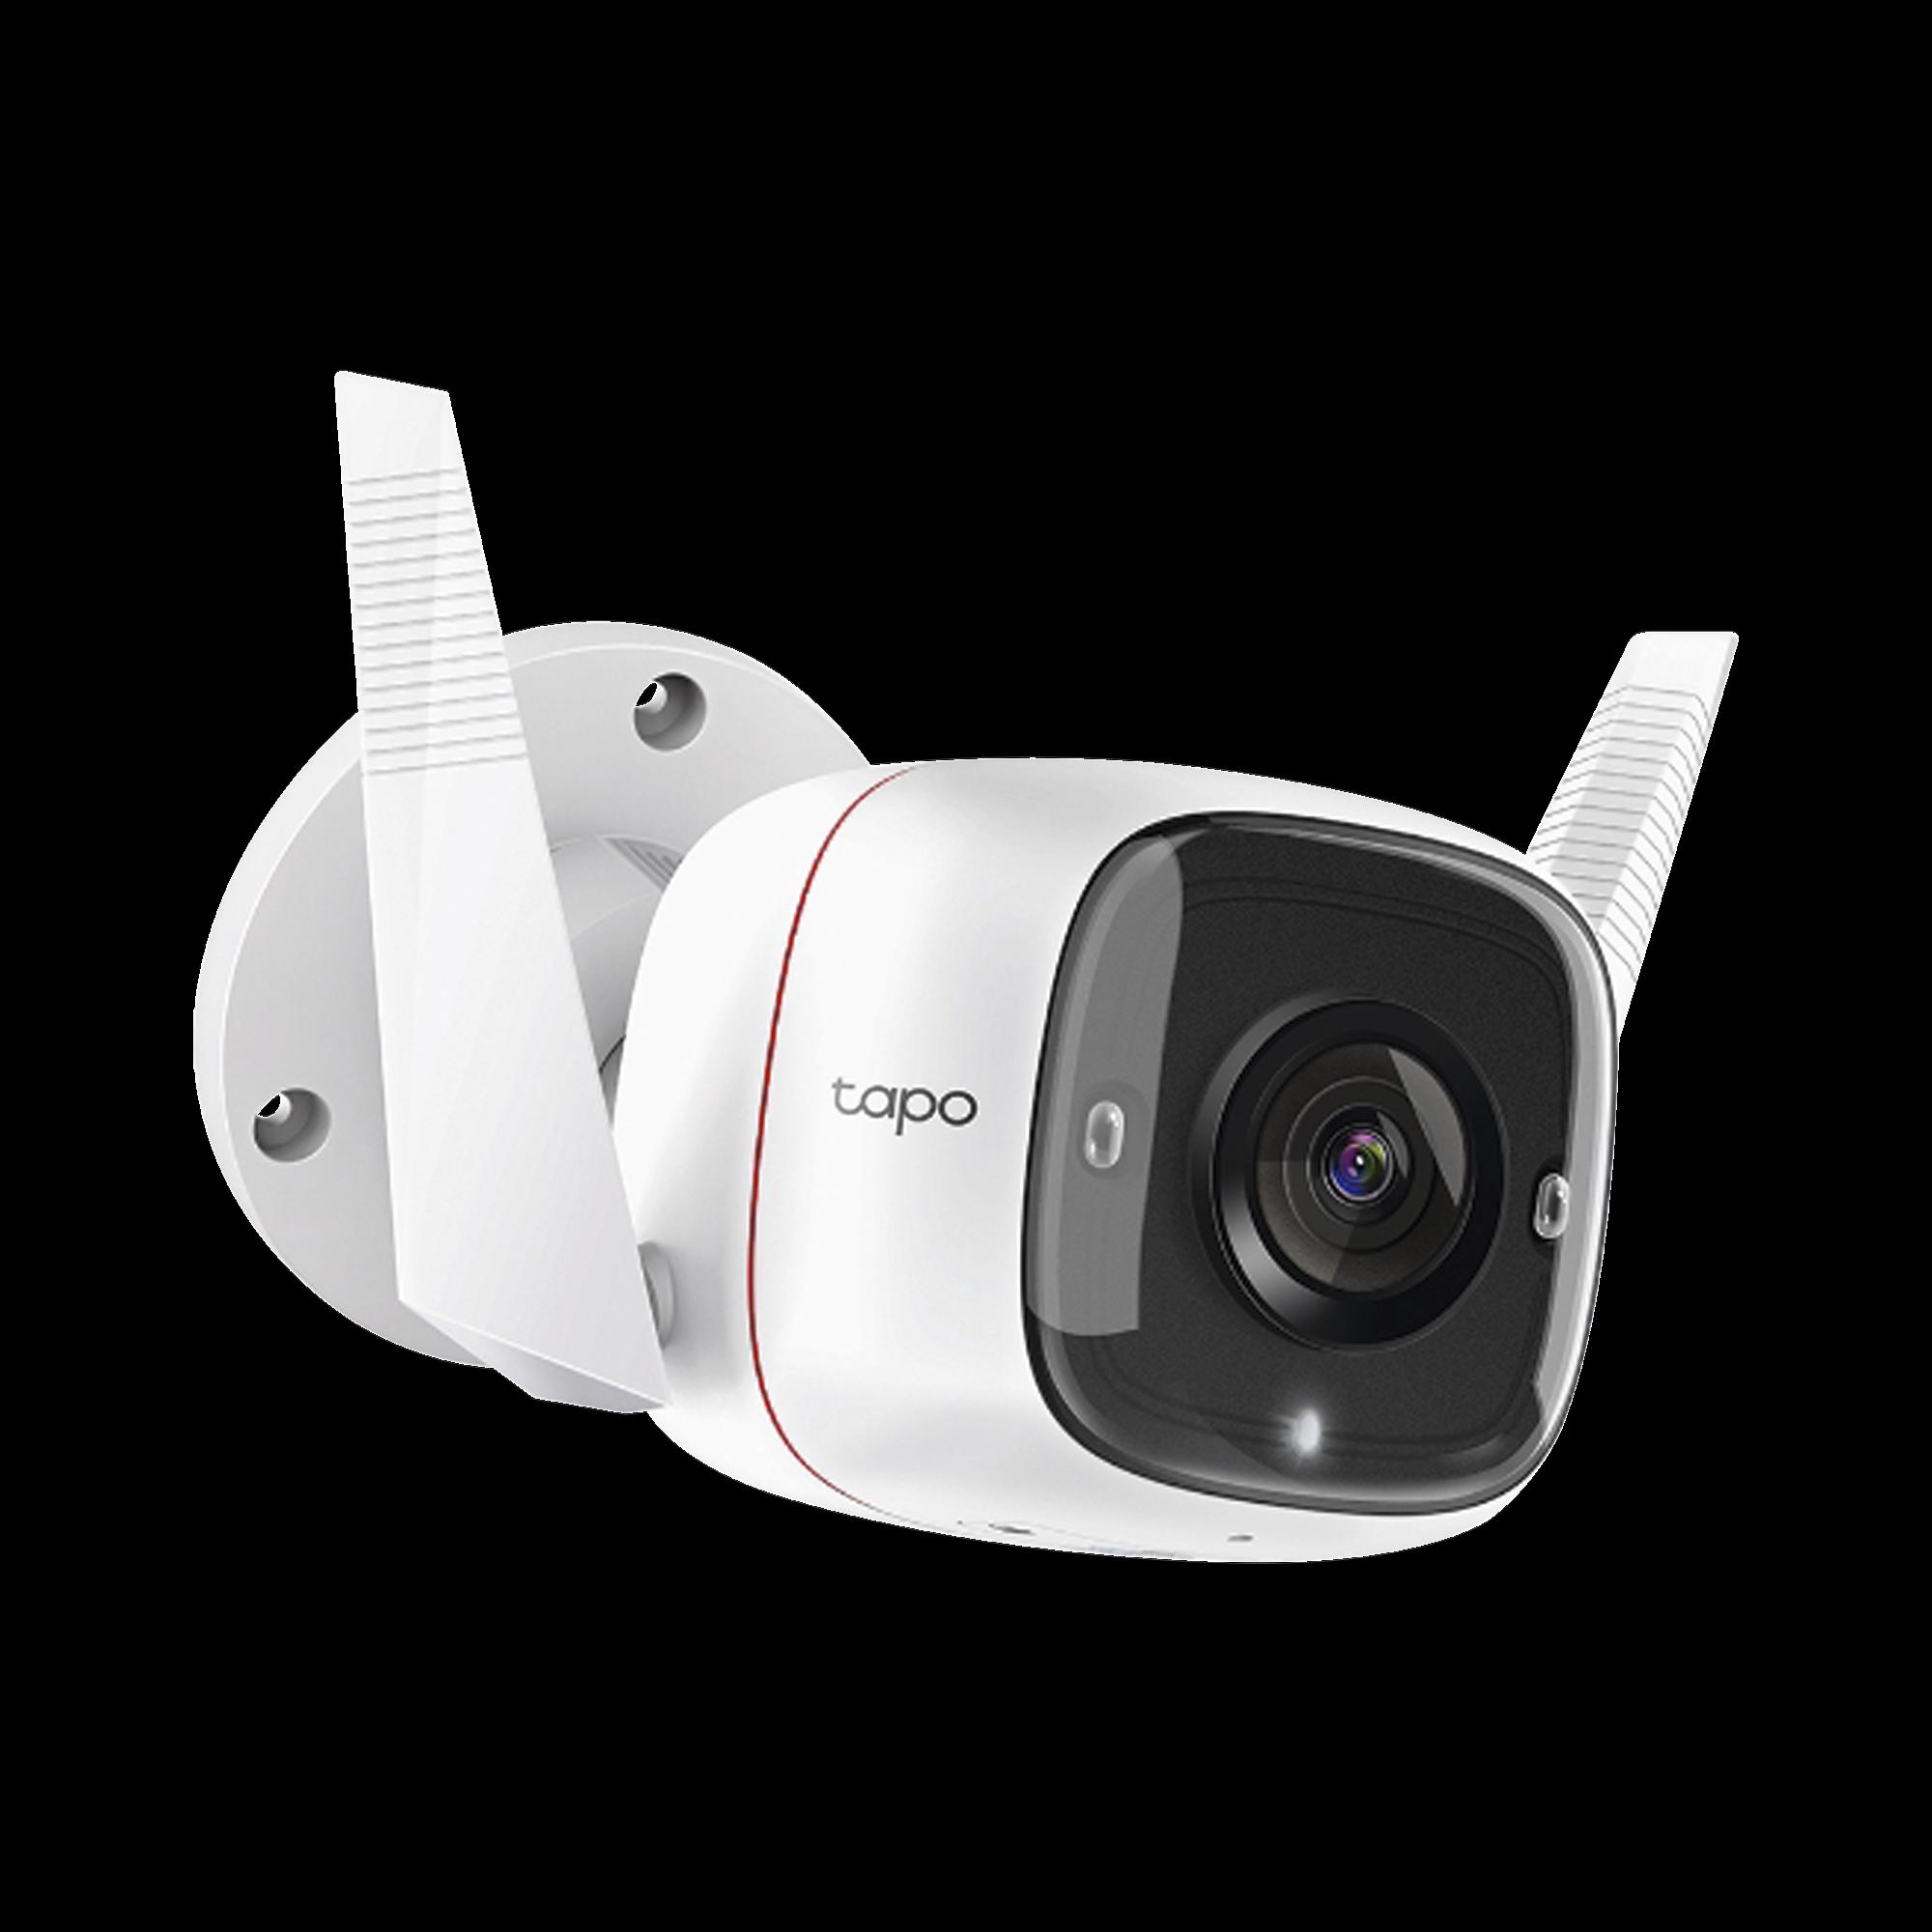 Cámara IP Wi-Fi para exterior, 3 megapixel, audio doble vía, visión nocturna, notificación Push, acepta memoria Micro SD de para grabación.